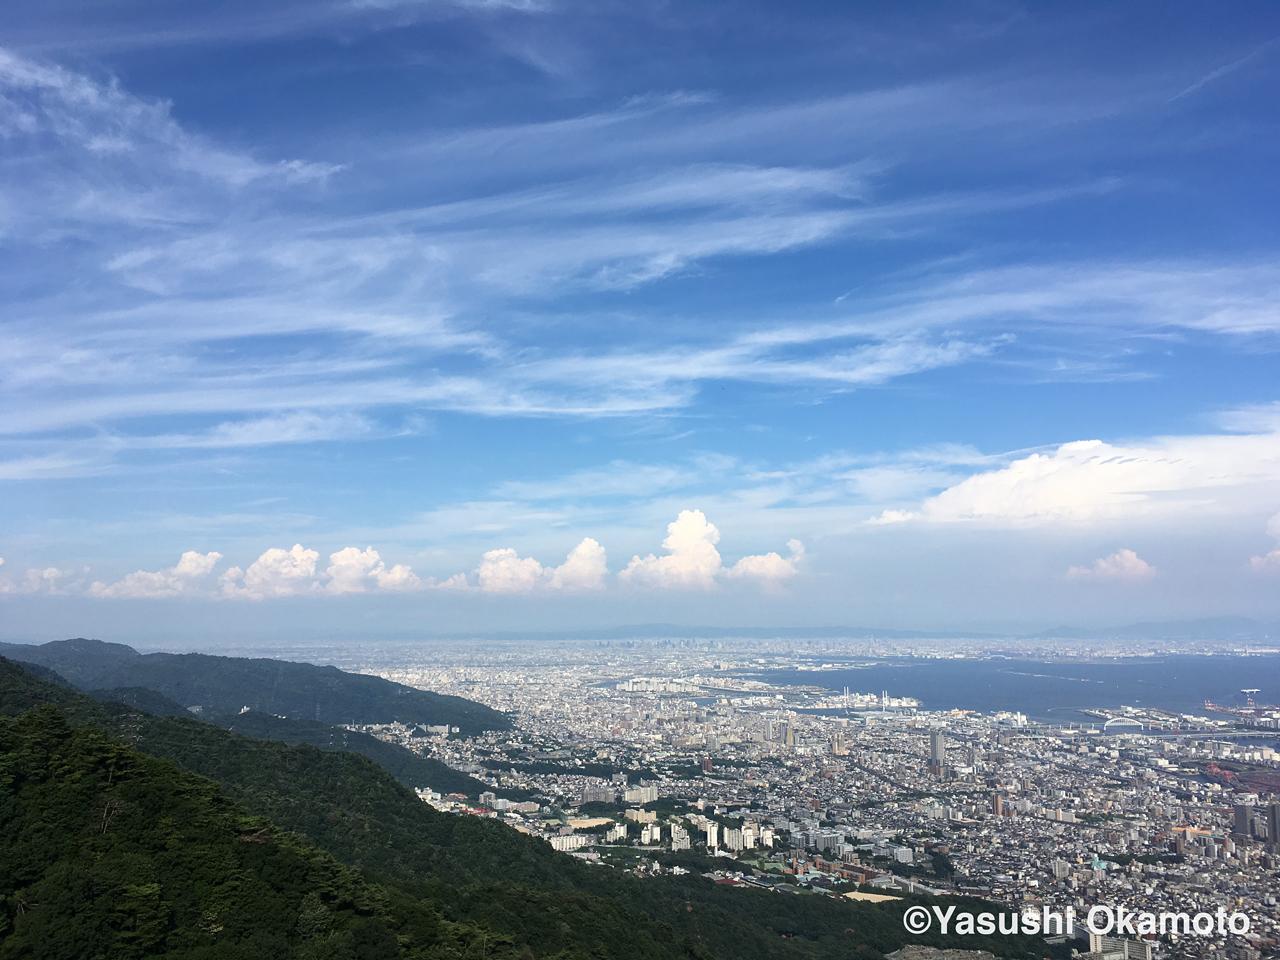 Osaka-bay area